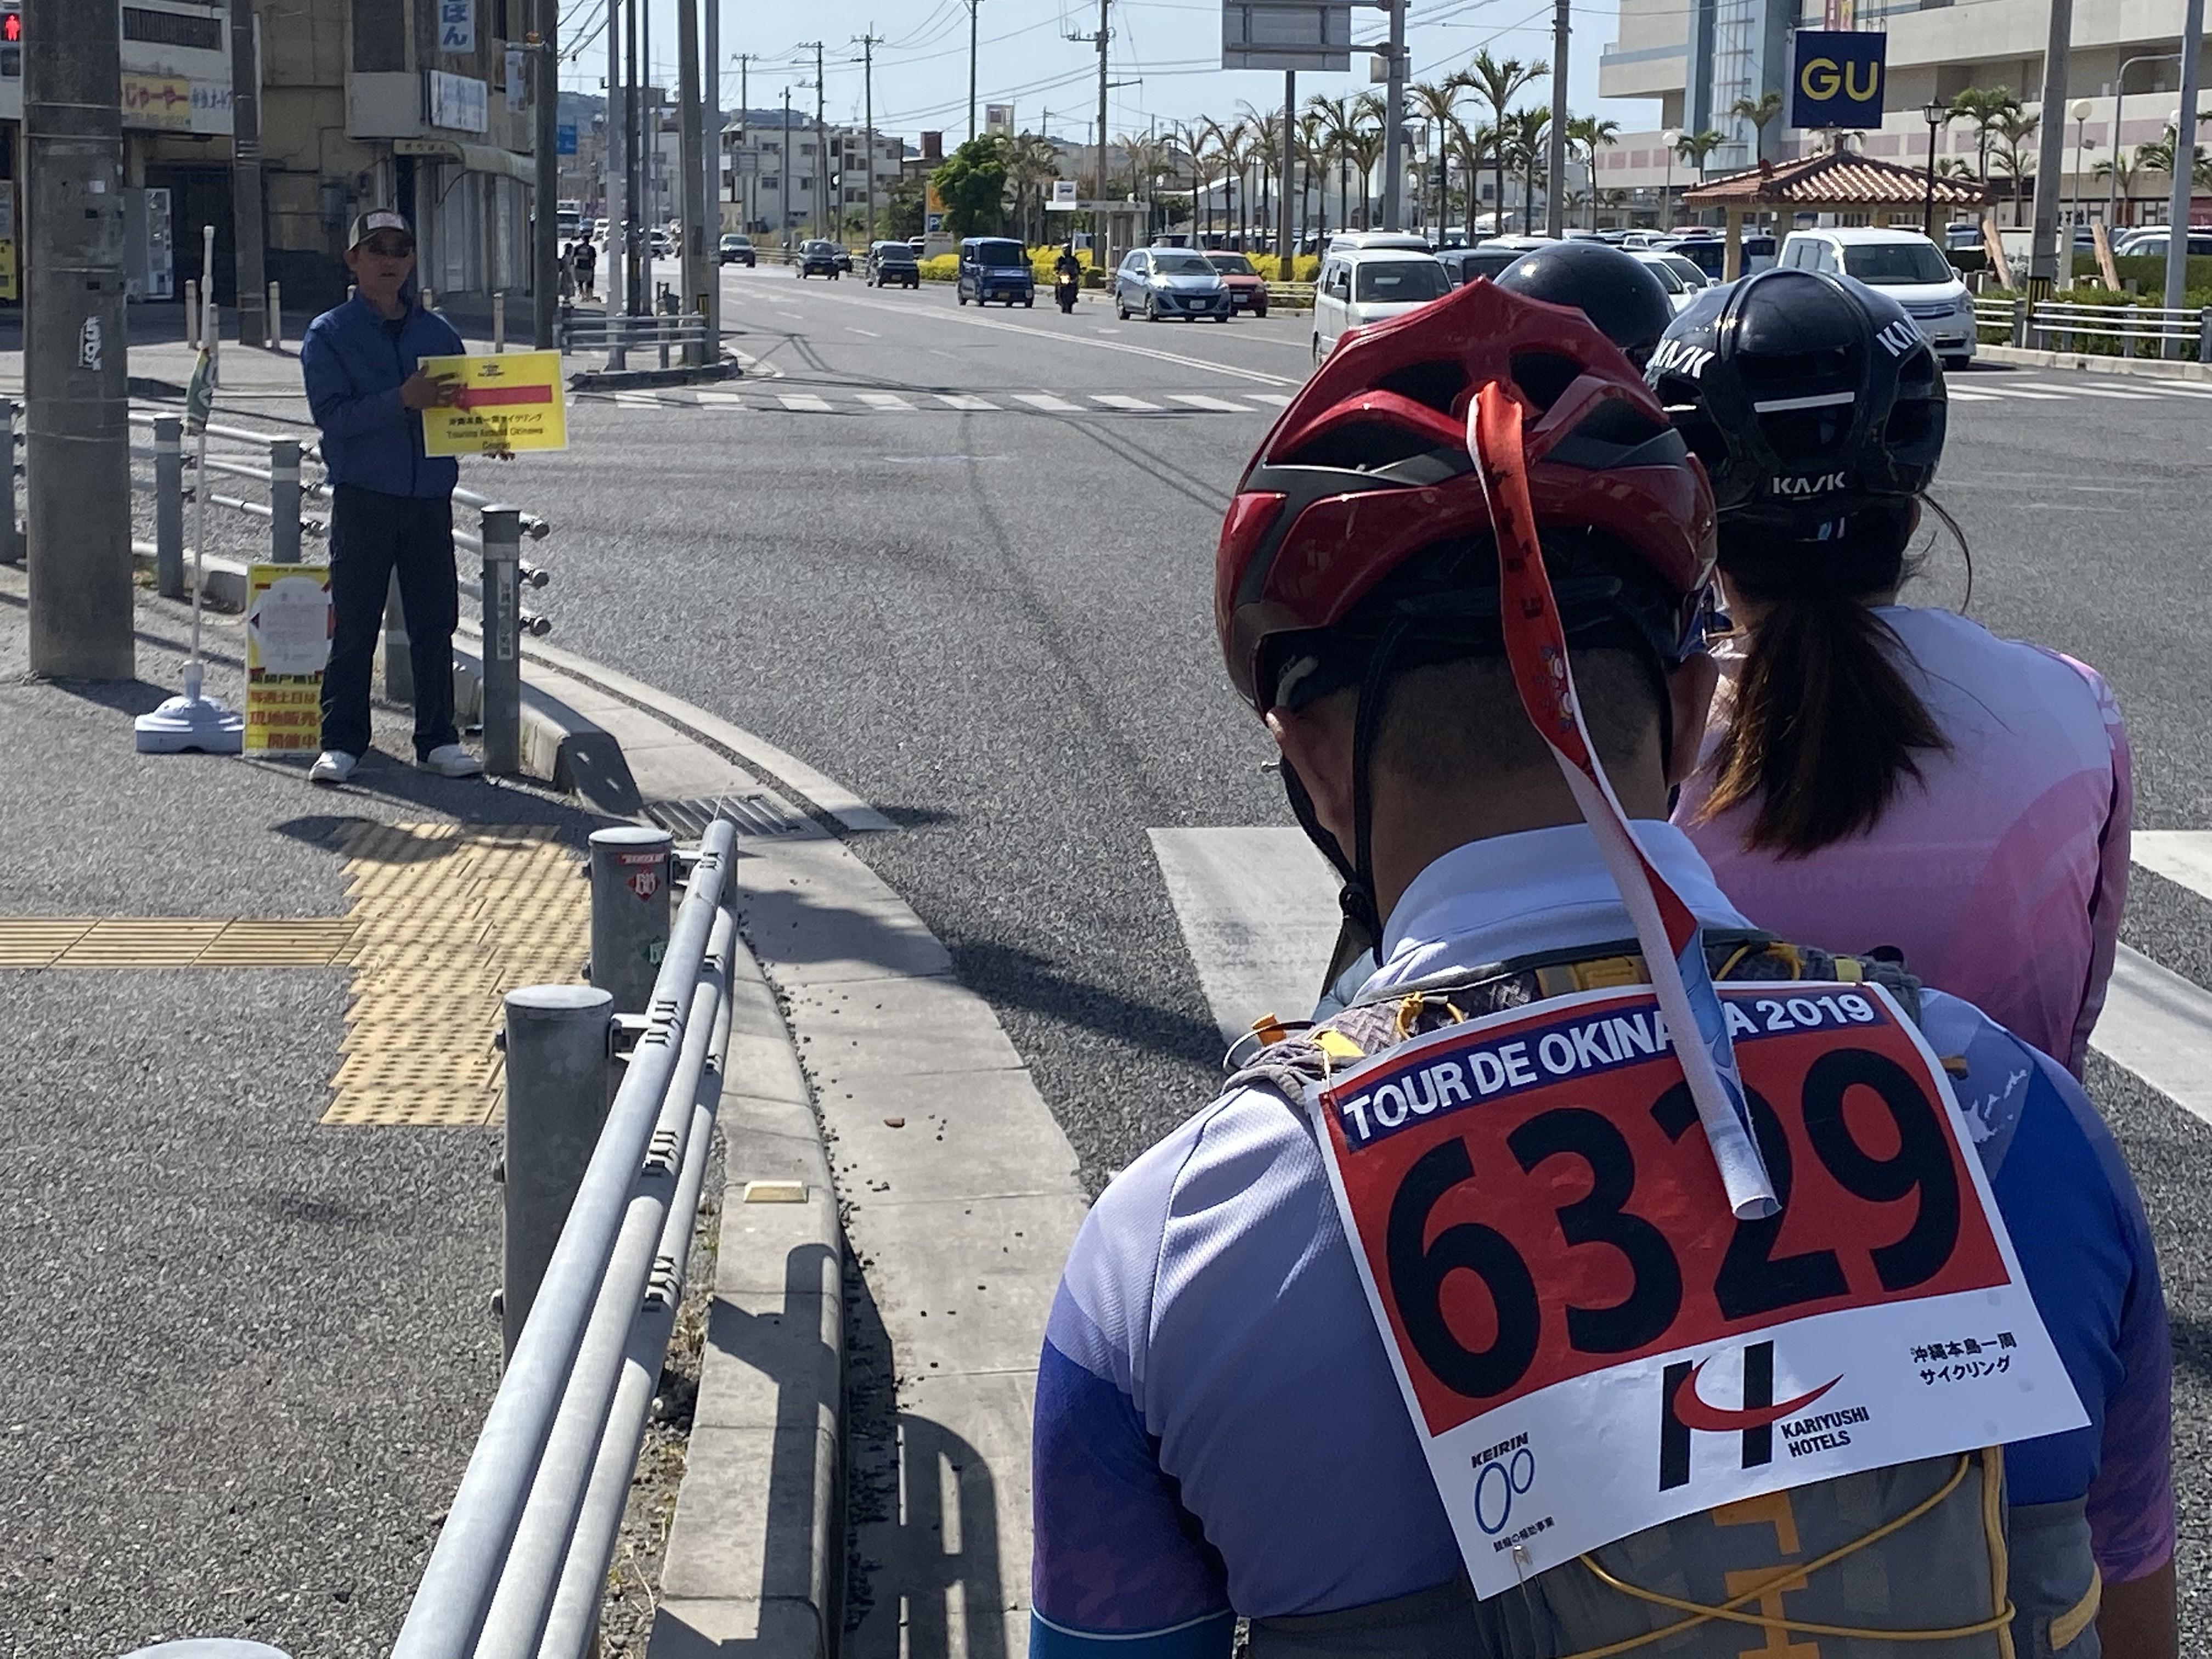 重要路口除了路標之外,也安排了工作人員協助導引。